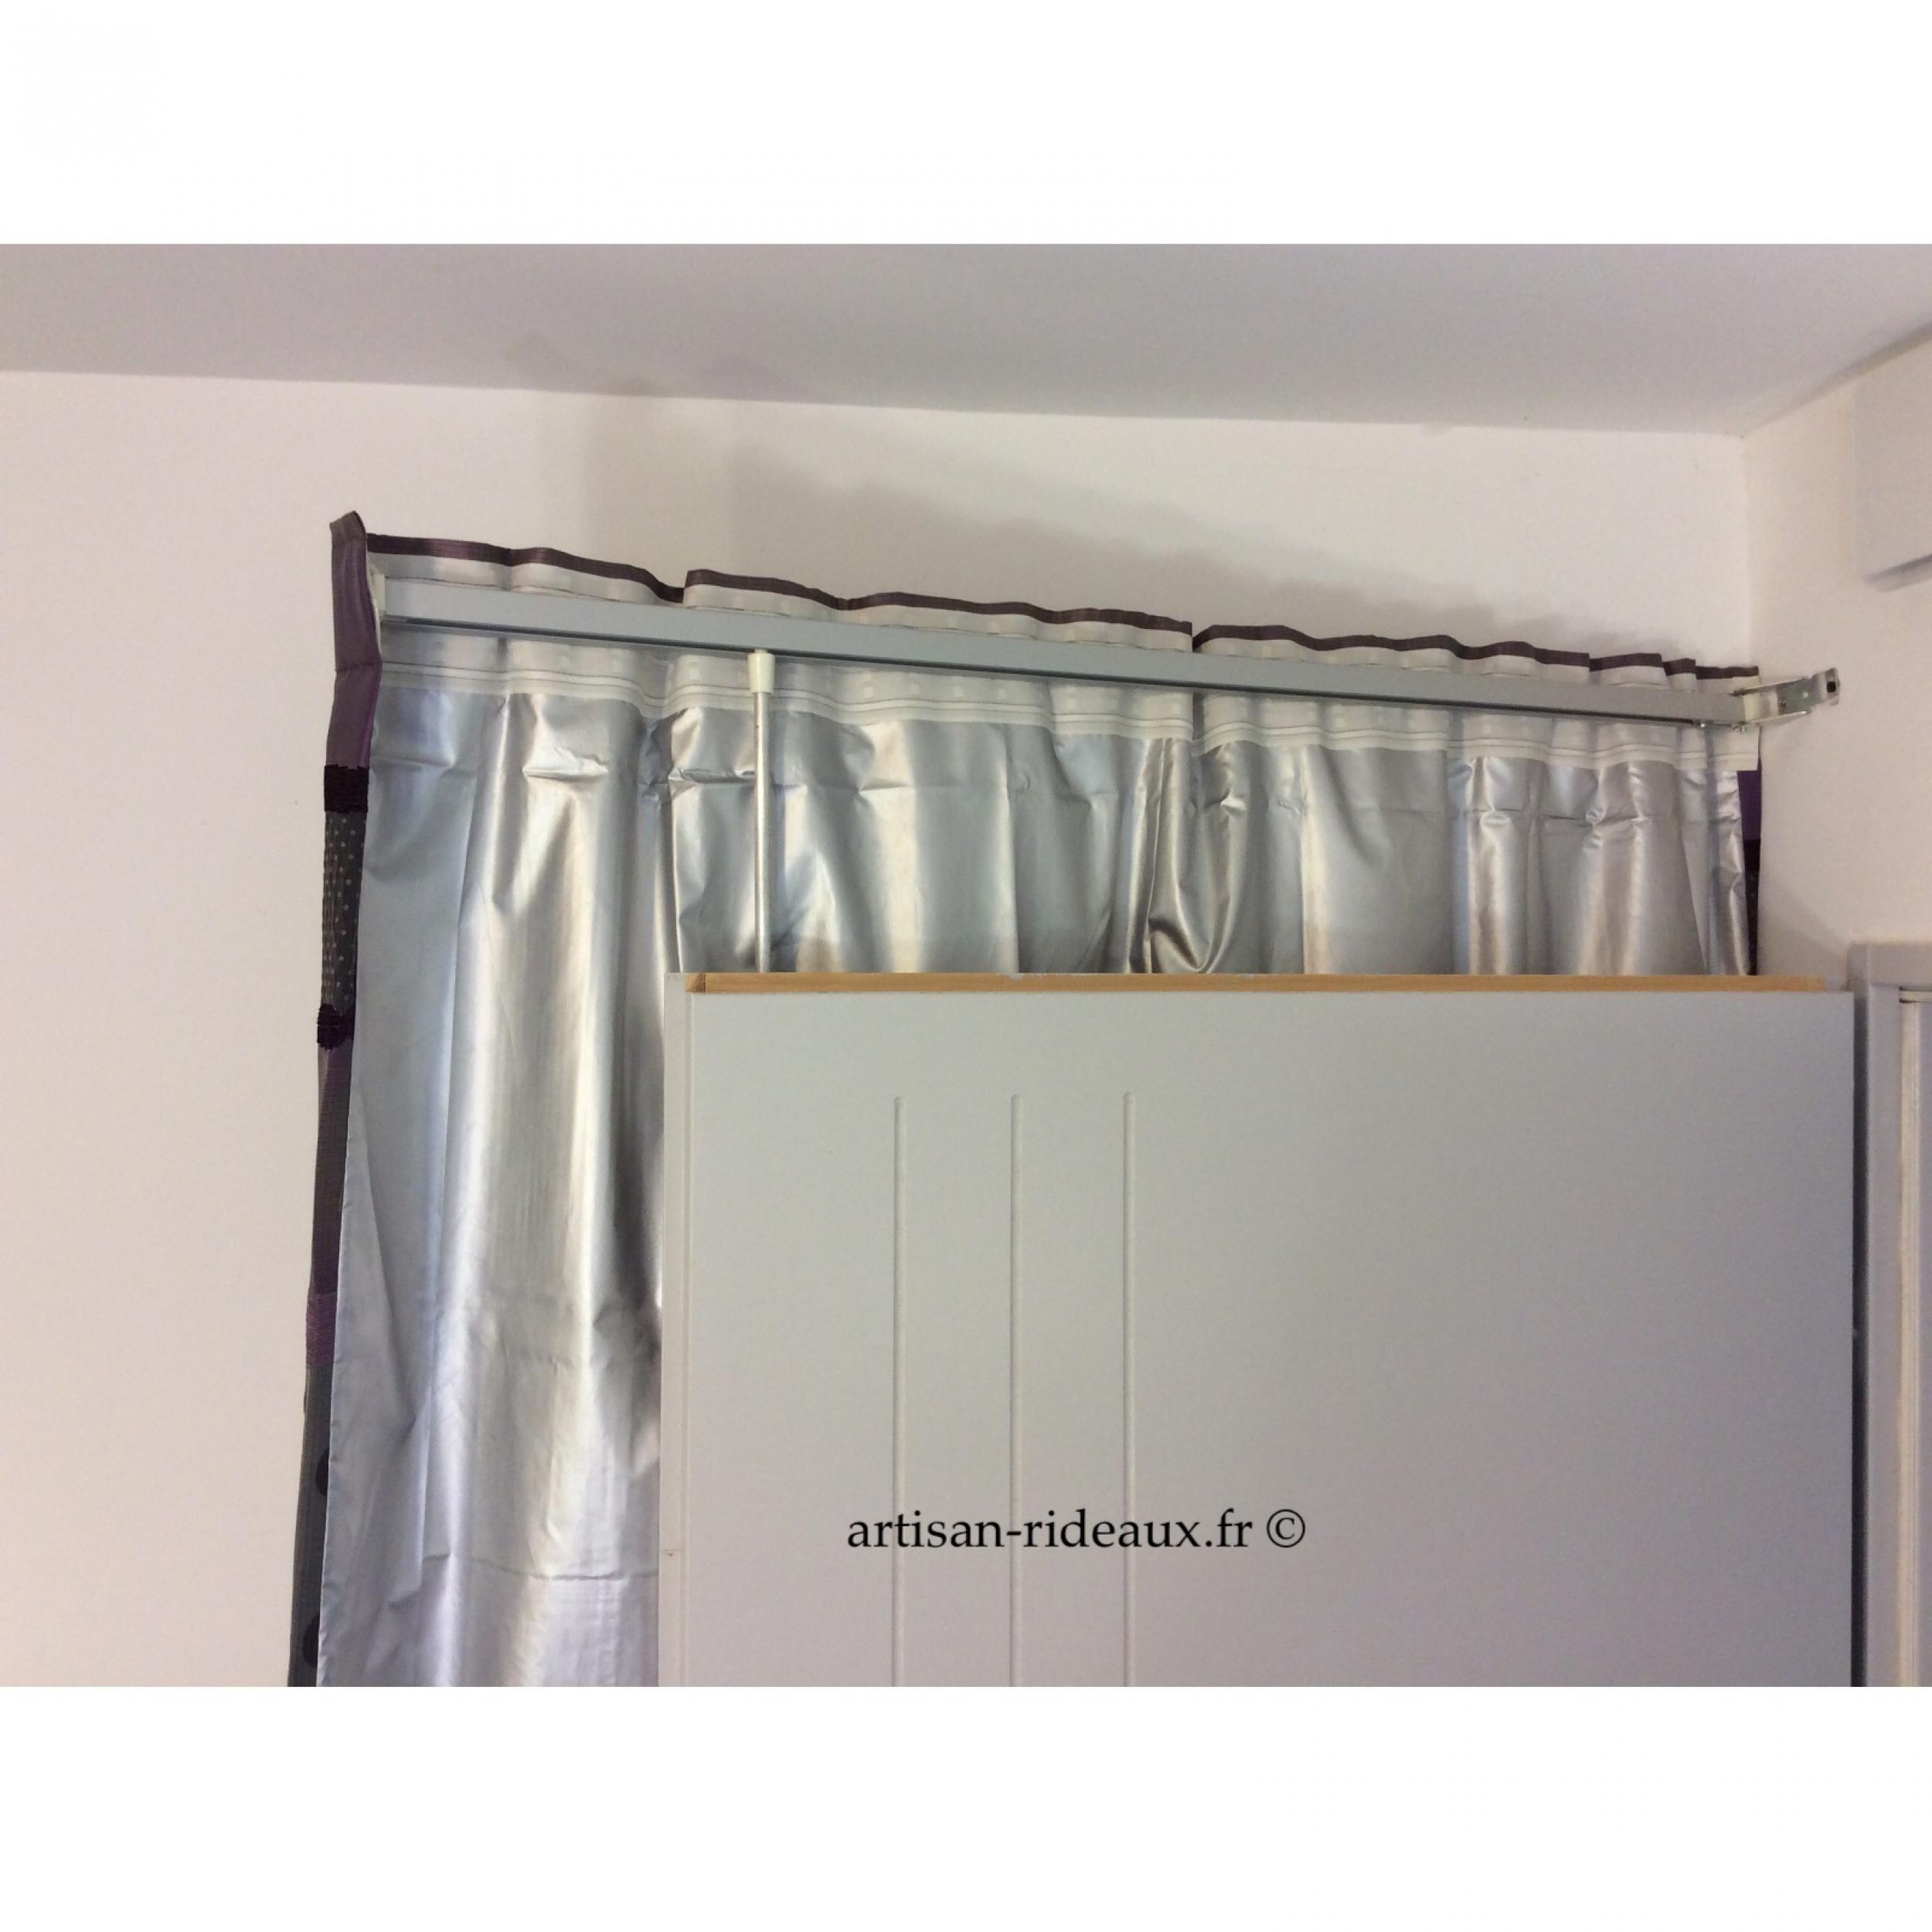 Rideaux ruflette isolant thermique pour tringle porti re berlingot prune 137 x 241 cm l - Ruflette vague pour rideaux ...